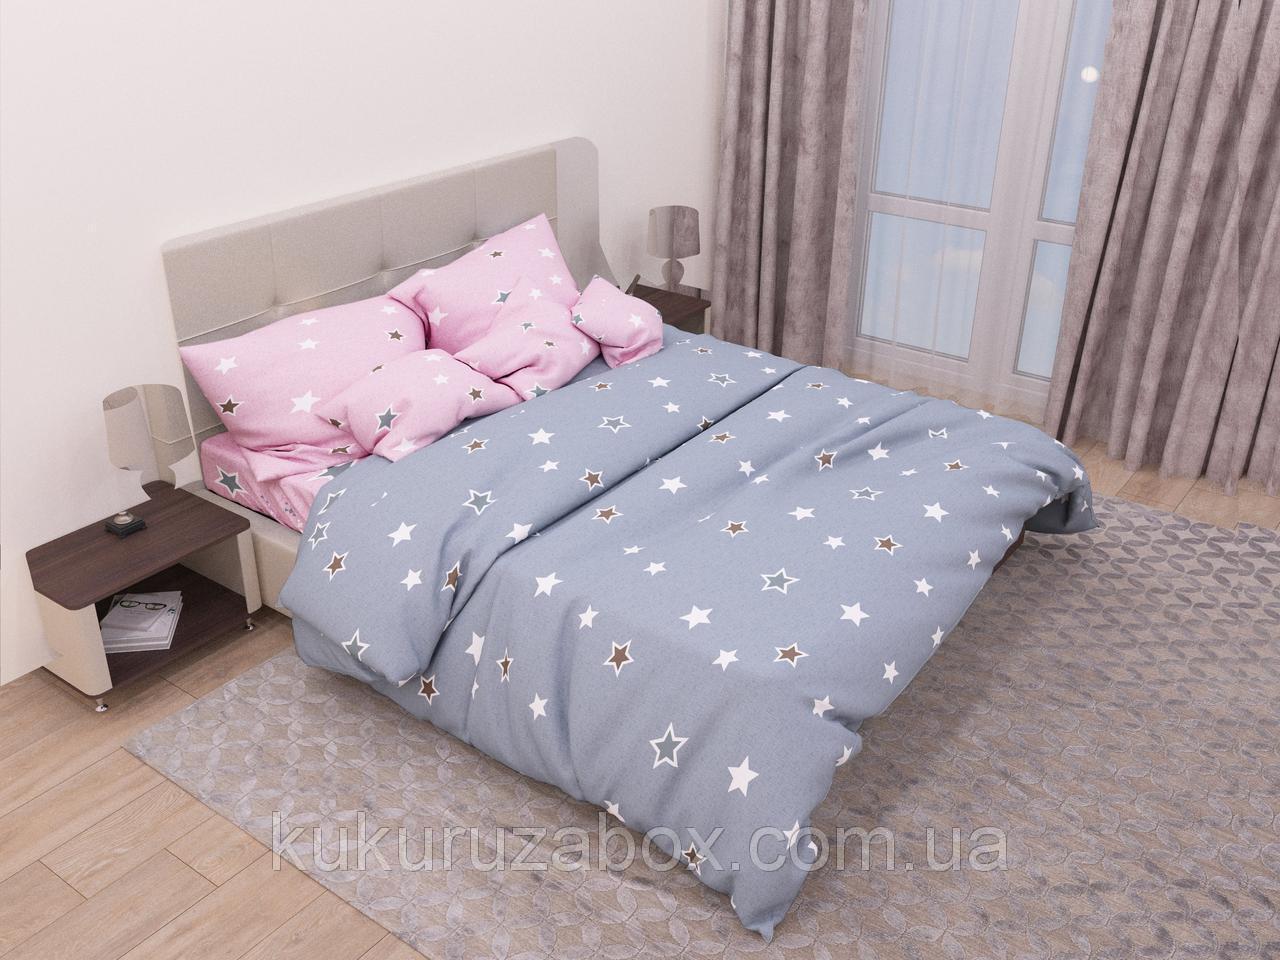 Двуспальный комплект постельного белья с евро простыней «Игривые звезды» из бязи голд